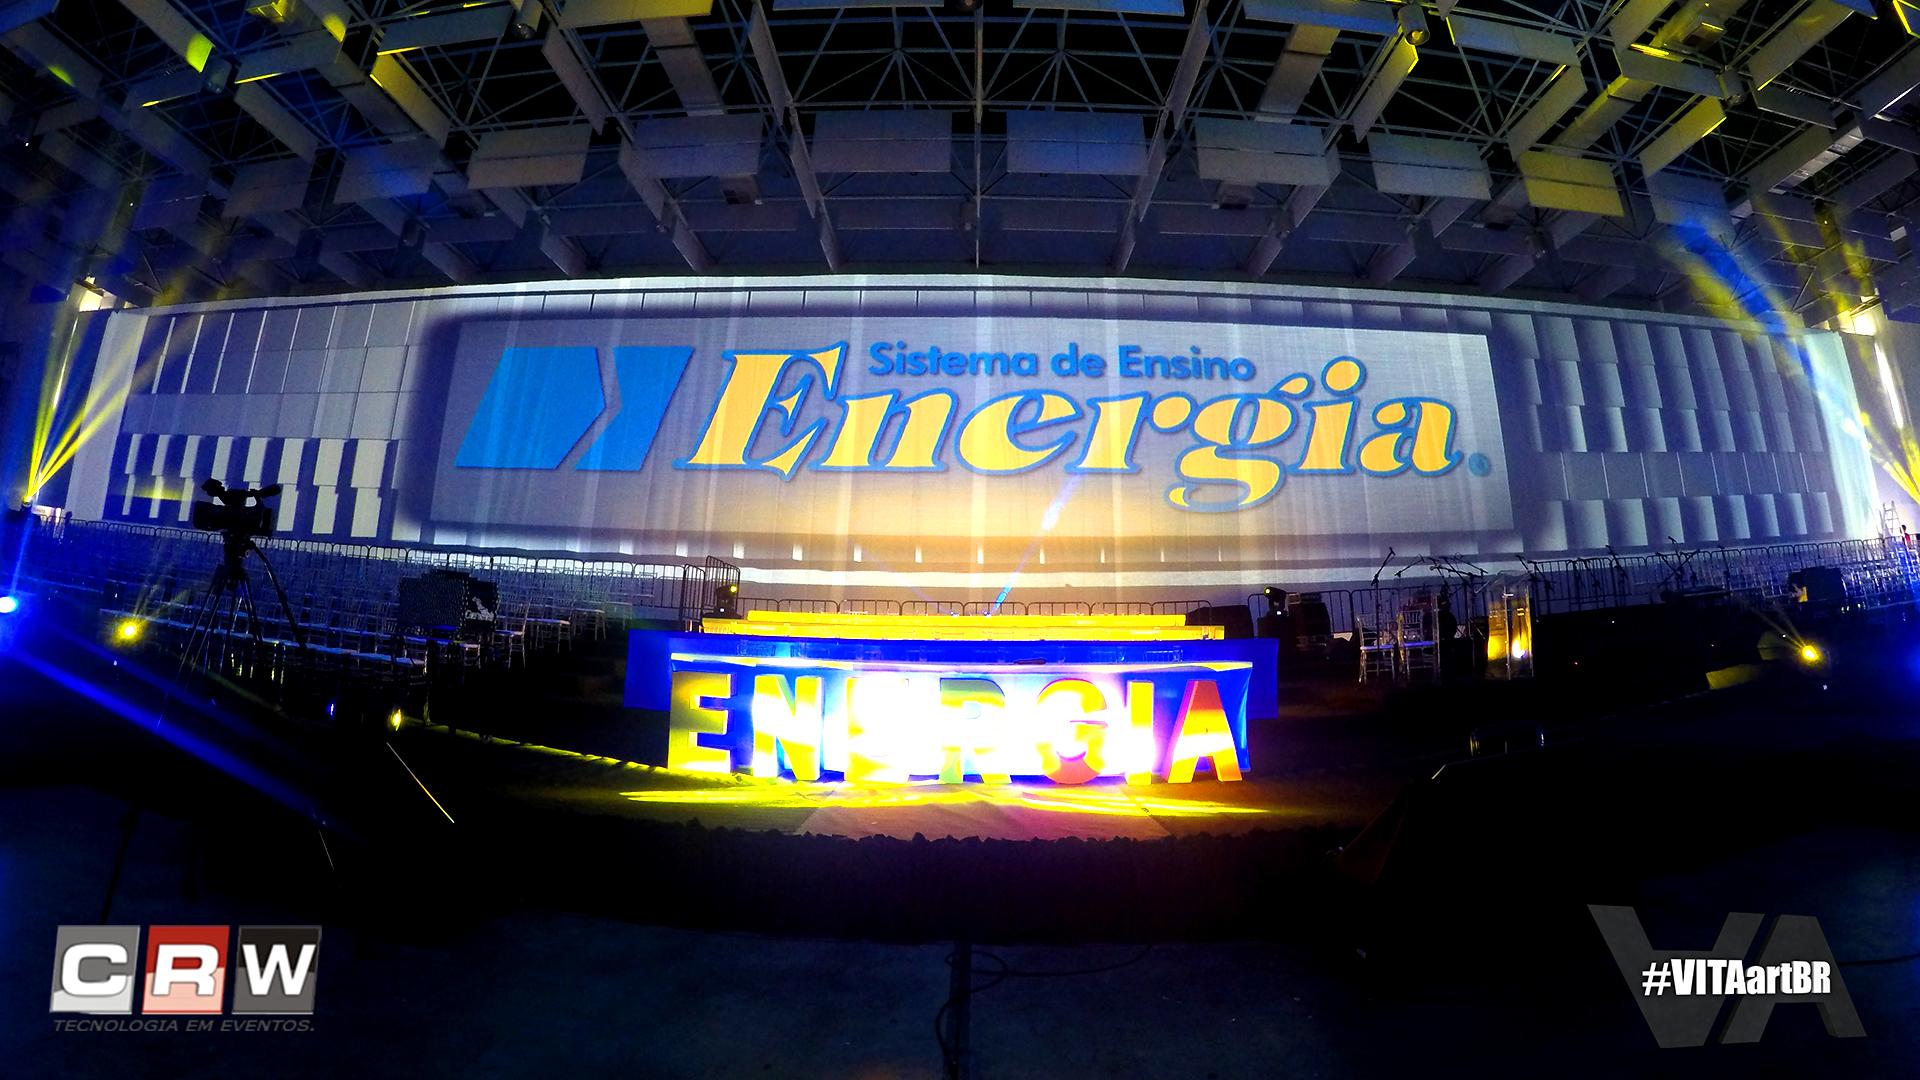 Formatura - SC - Florianopolis - Consoli - Energia 2015 - CRW - 3 -